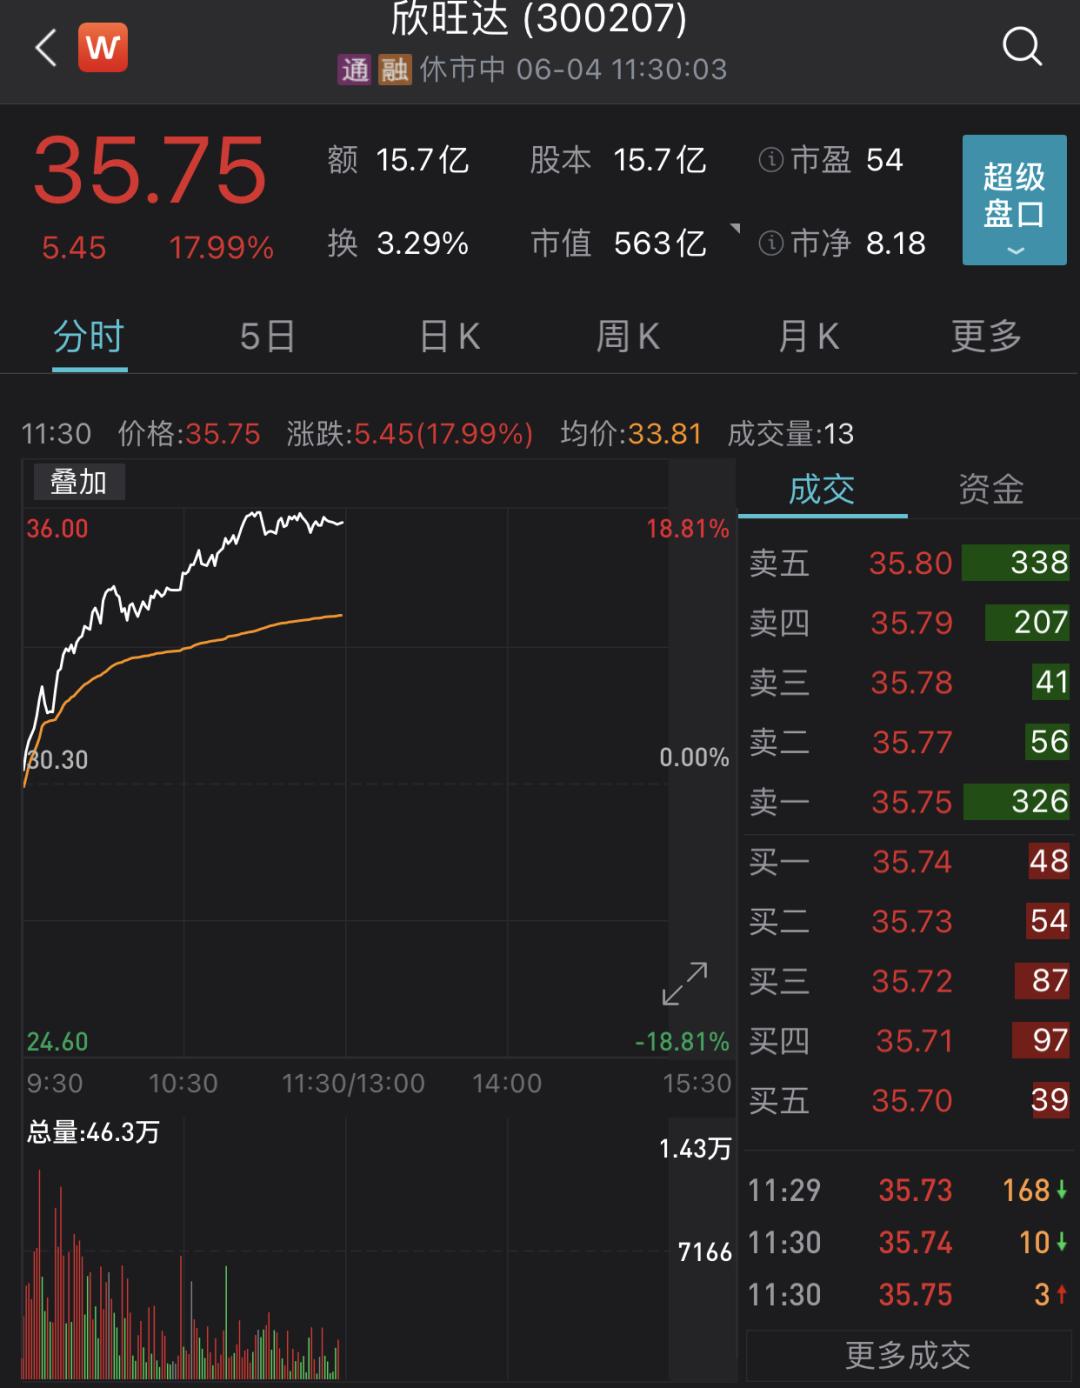 """发生了什么?券商股突然飙了 各类概念""""霸屏"""" 万亿电池茅创新高"""